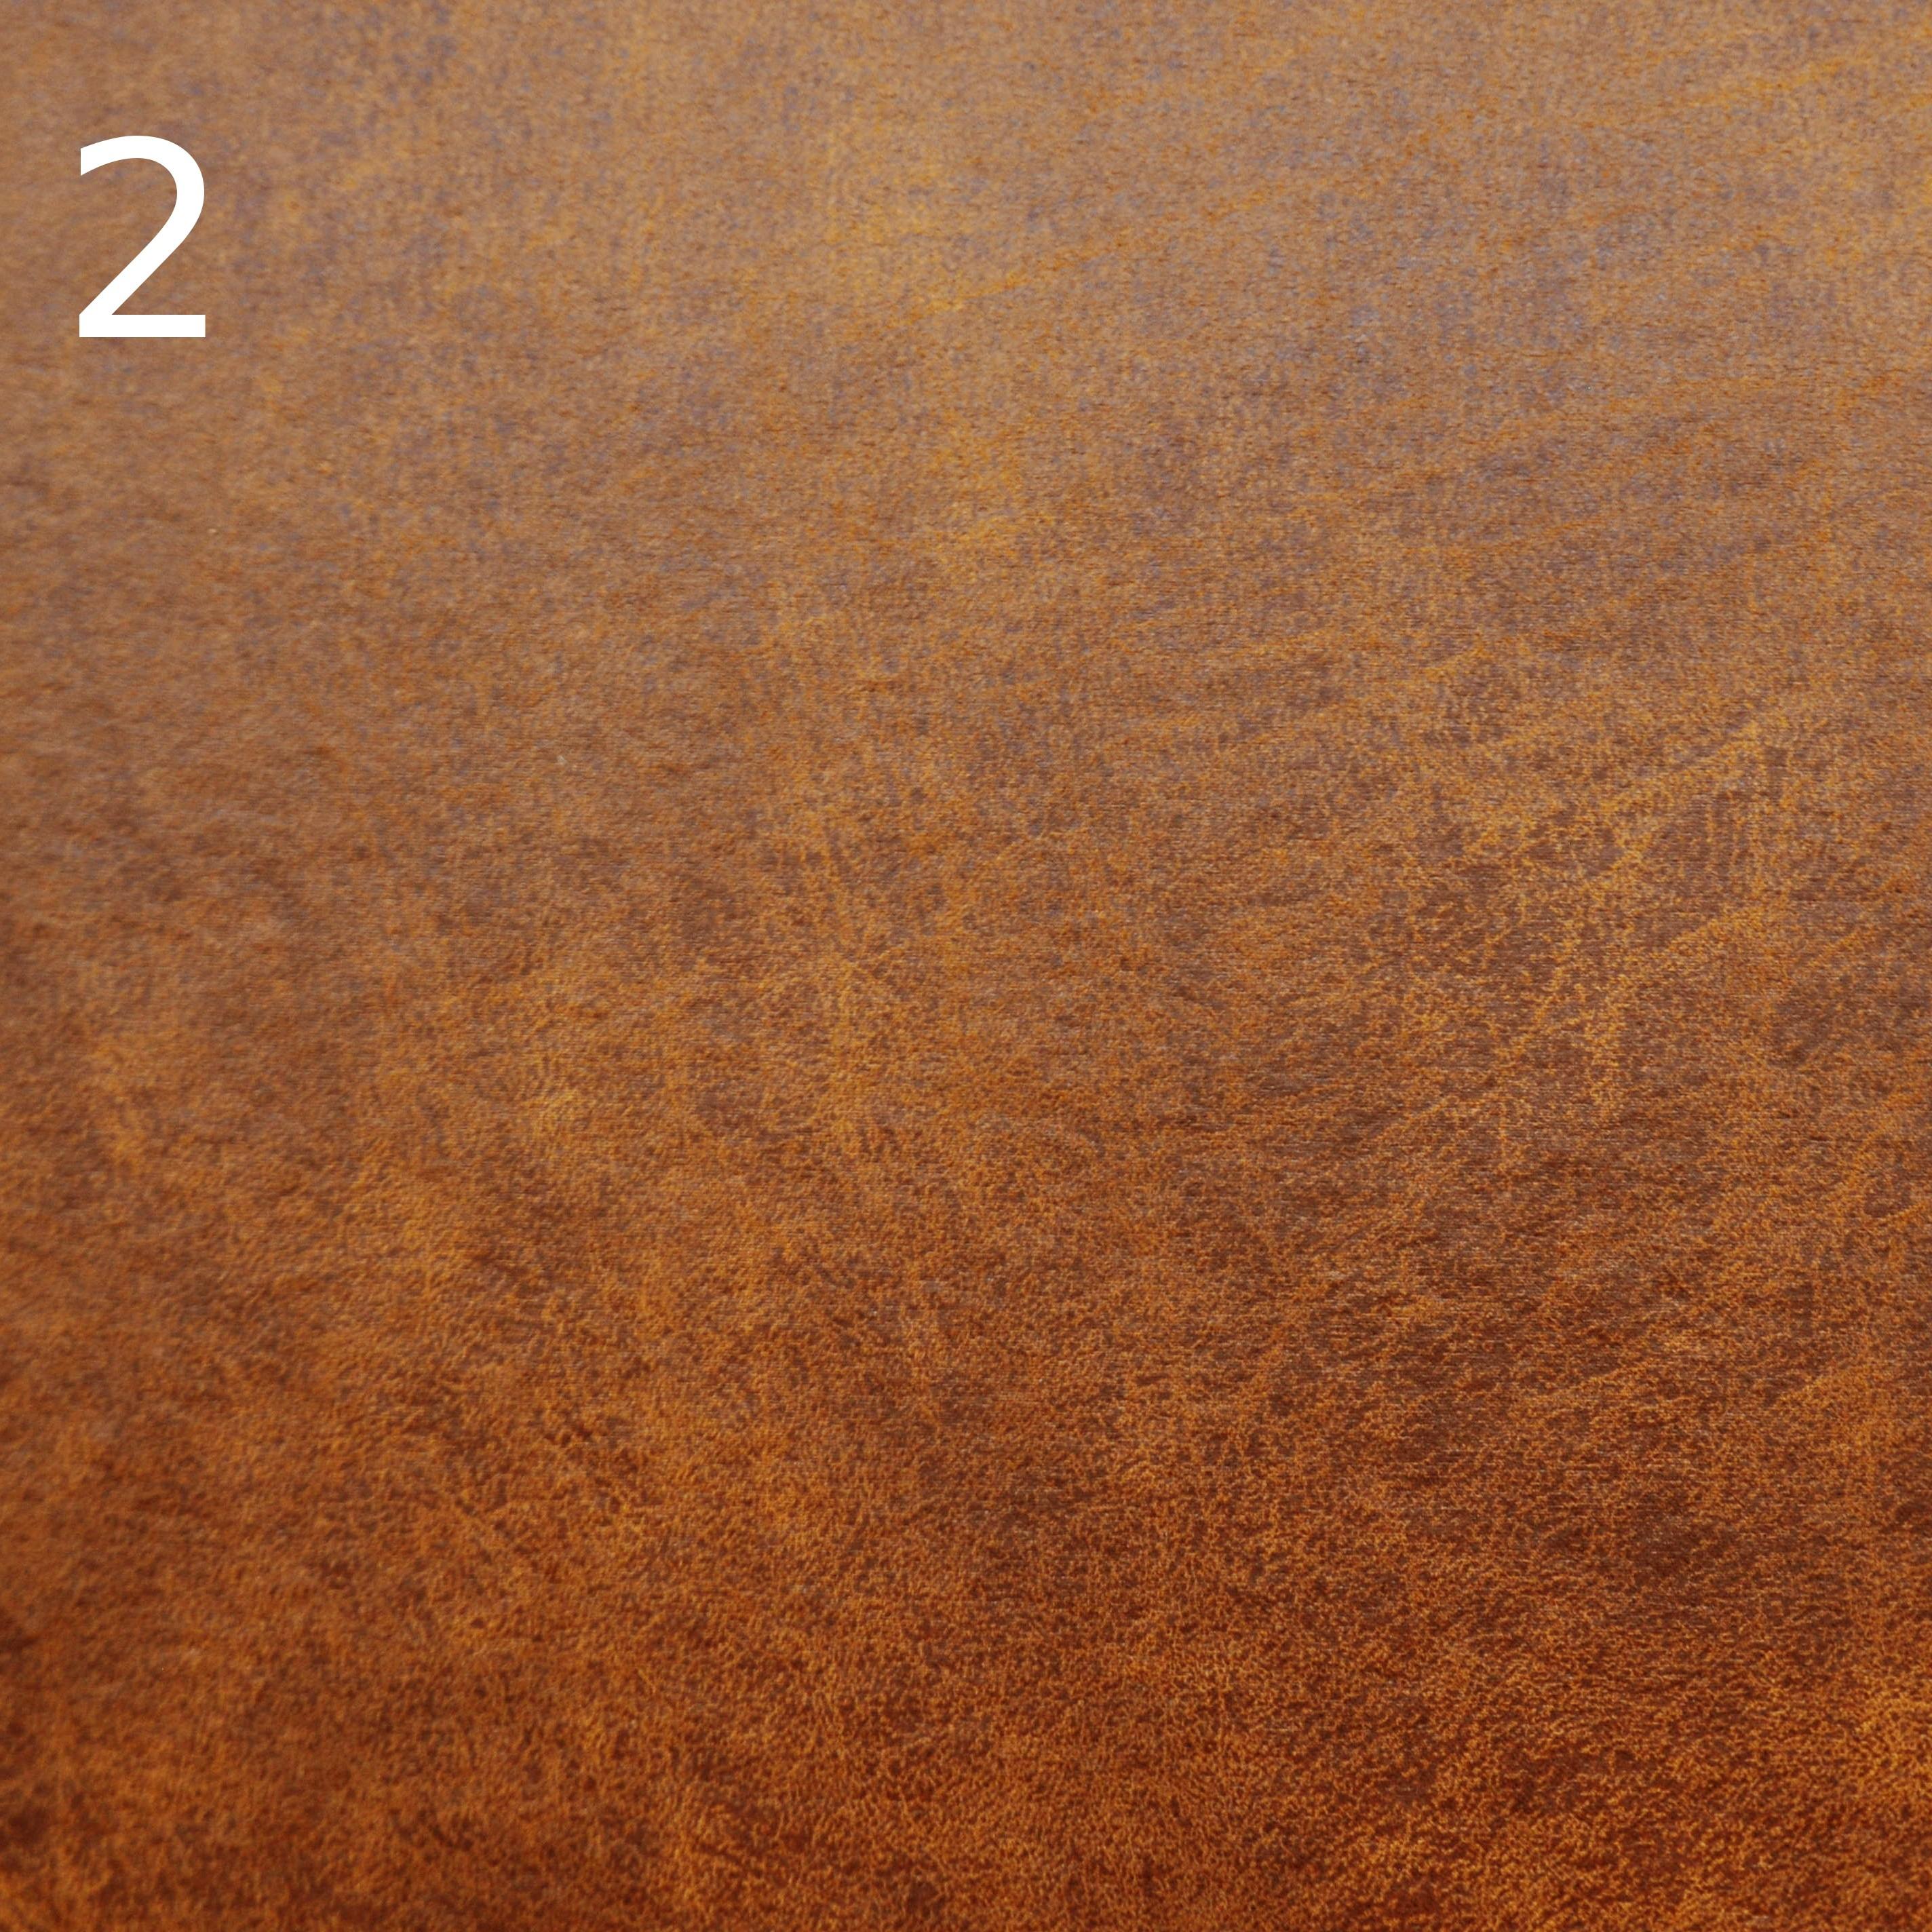 kolor 2